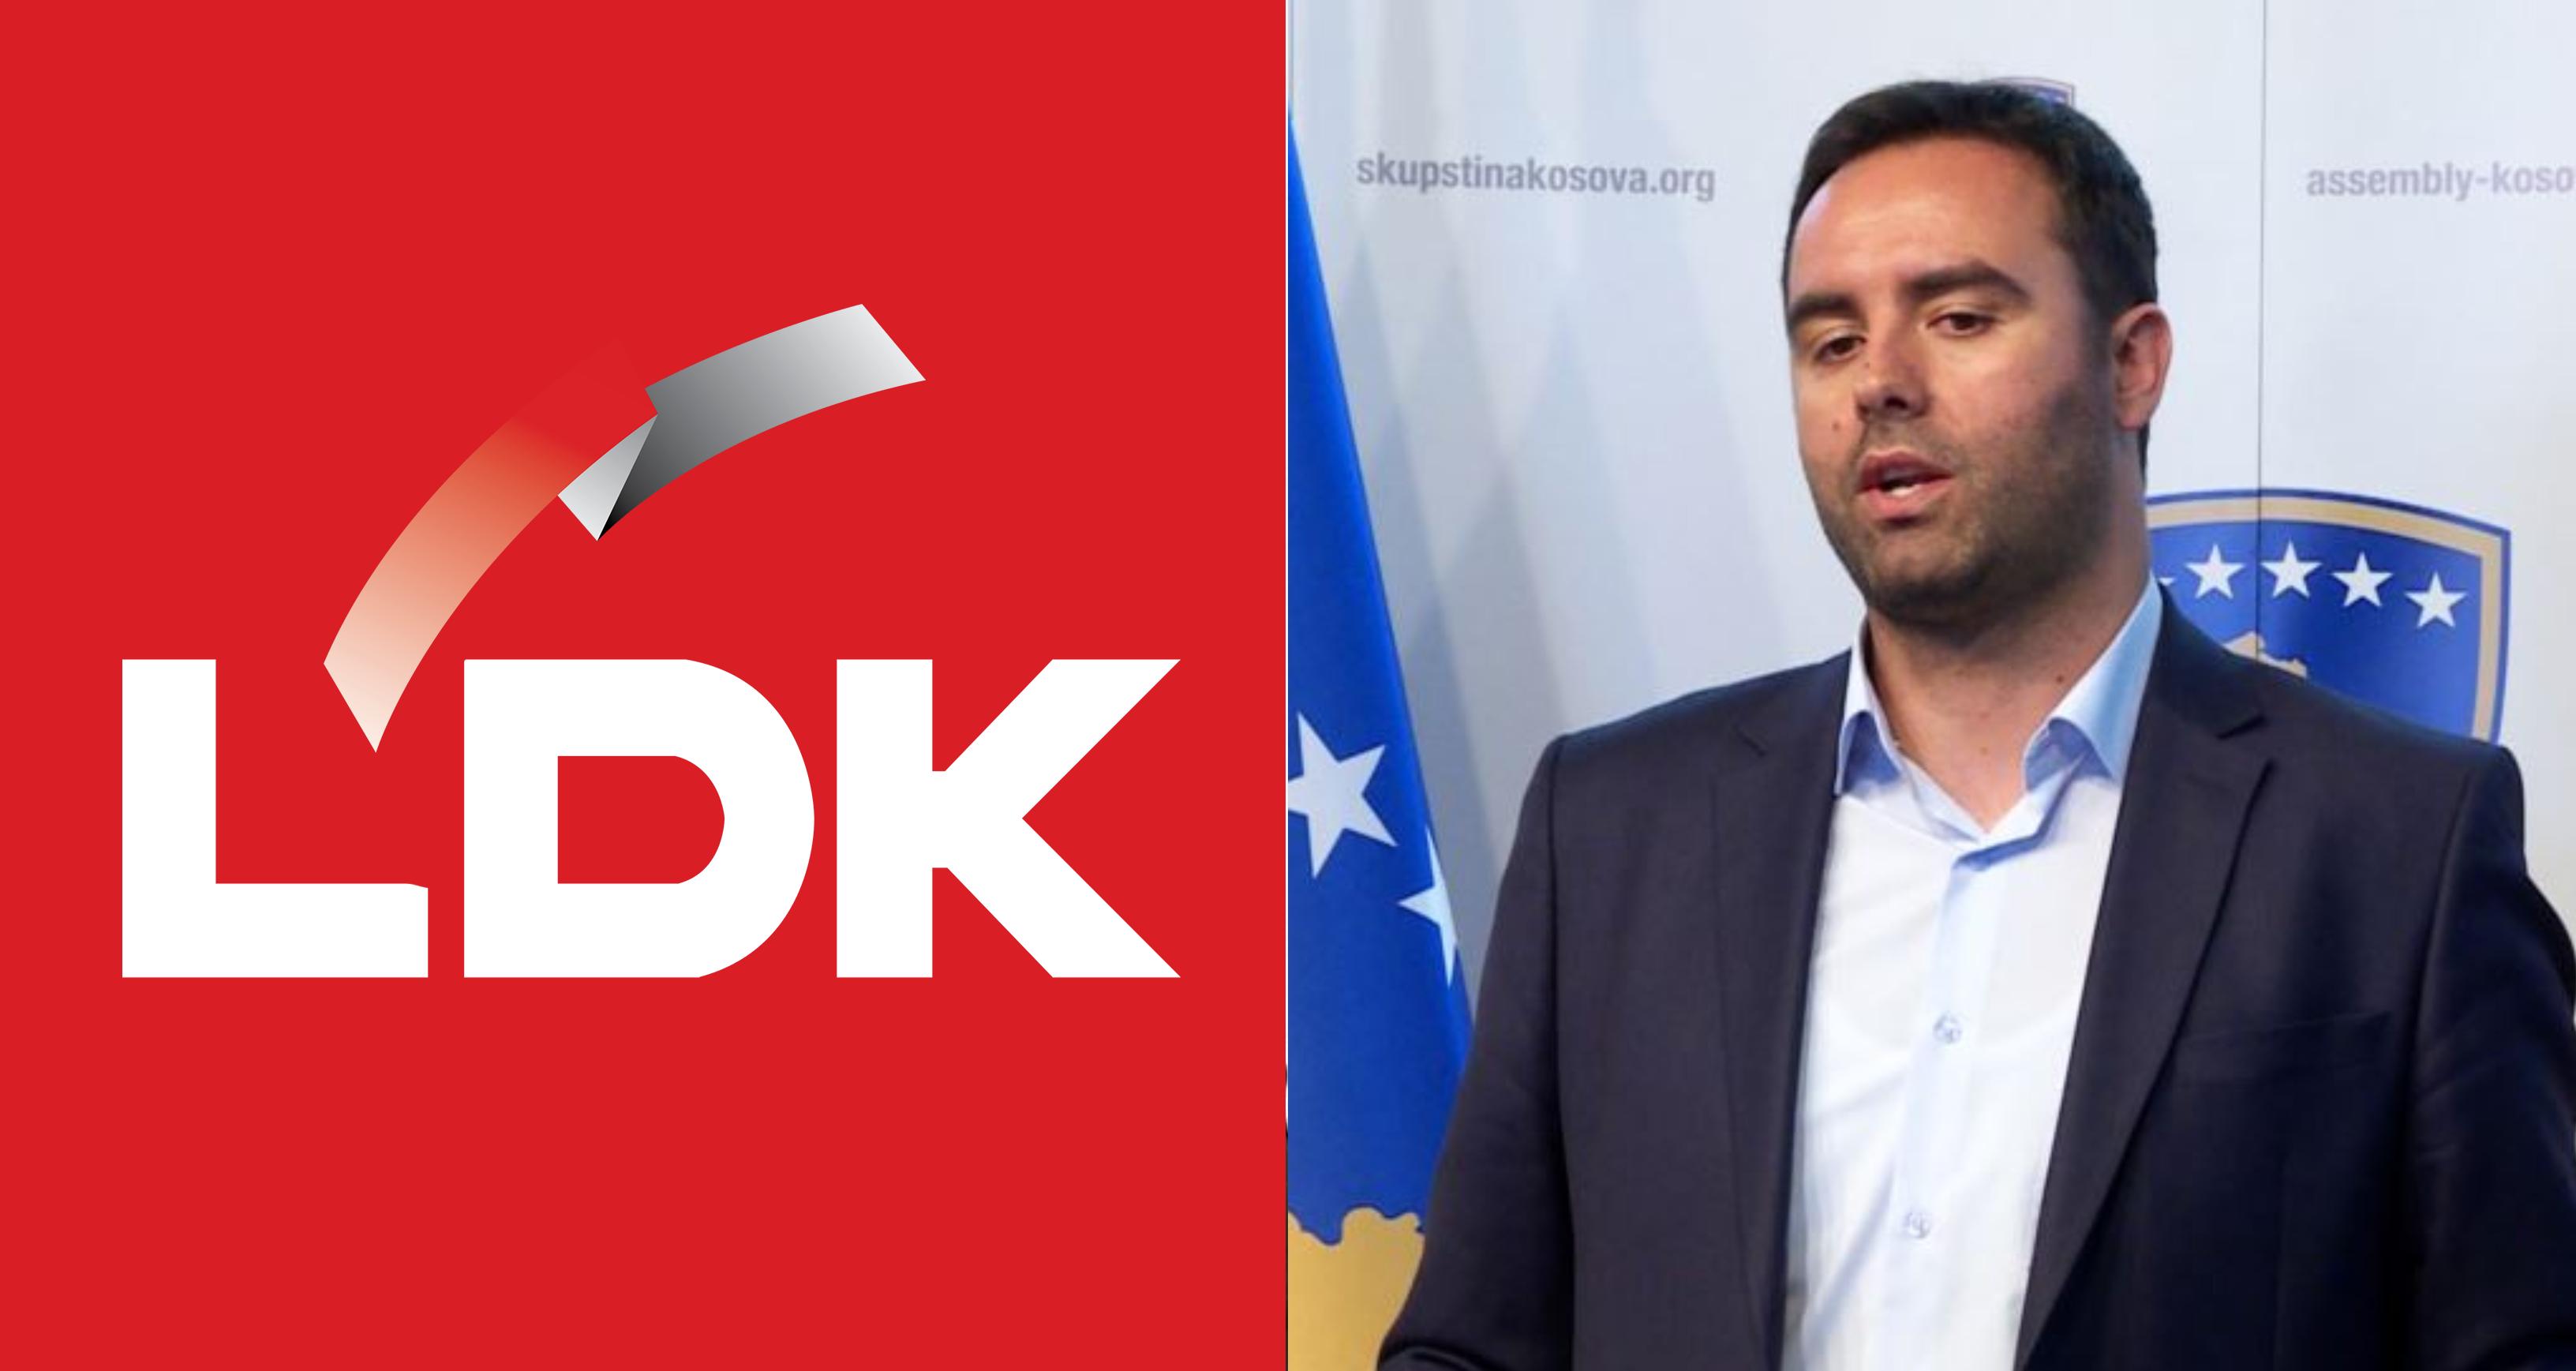 Konjufca i dha LDK-së ultimatum për koalicion, vjen përgjigja e LDK-së